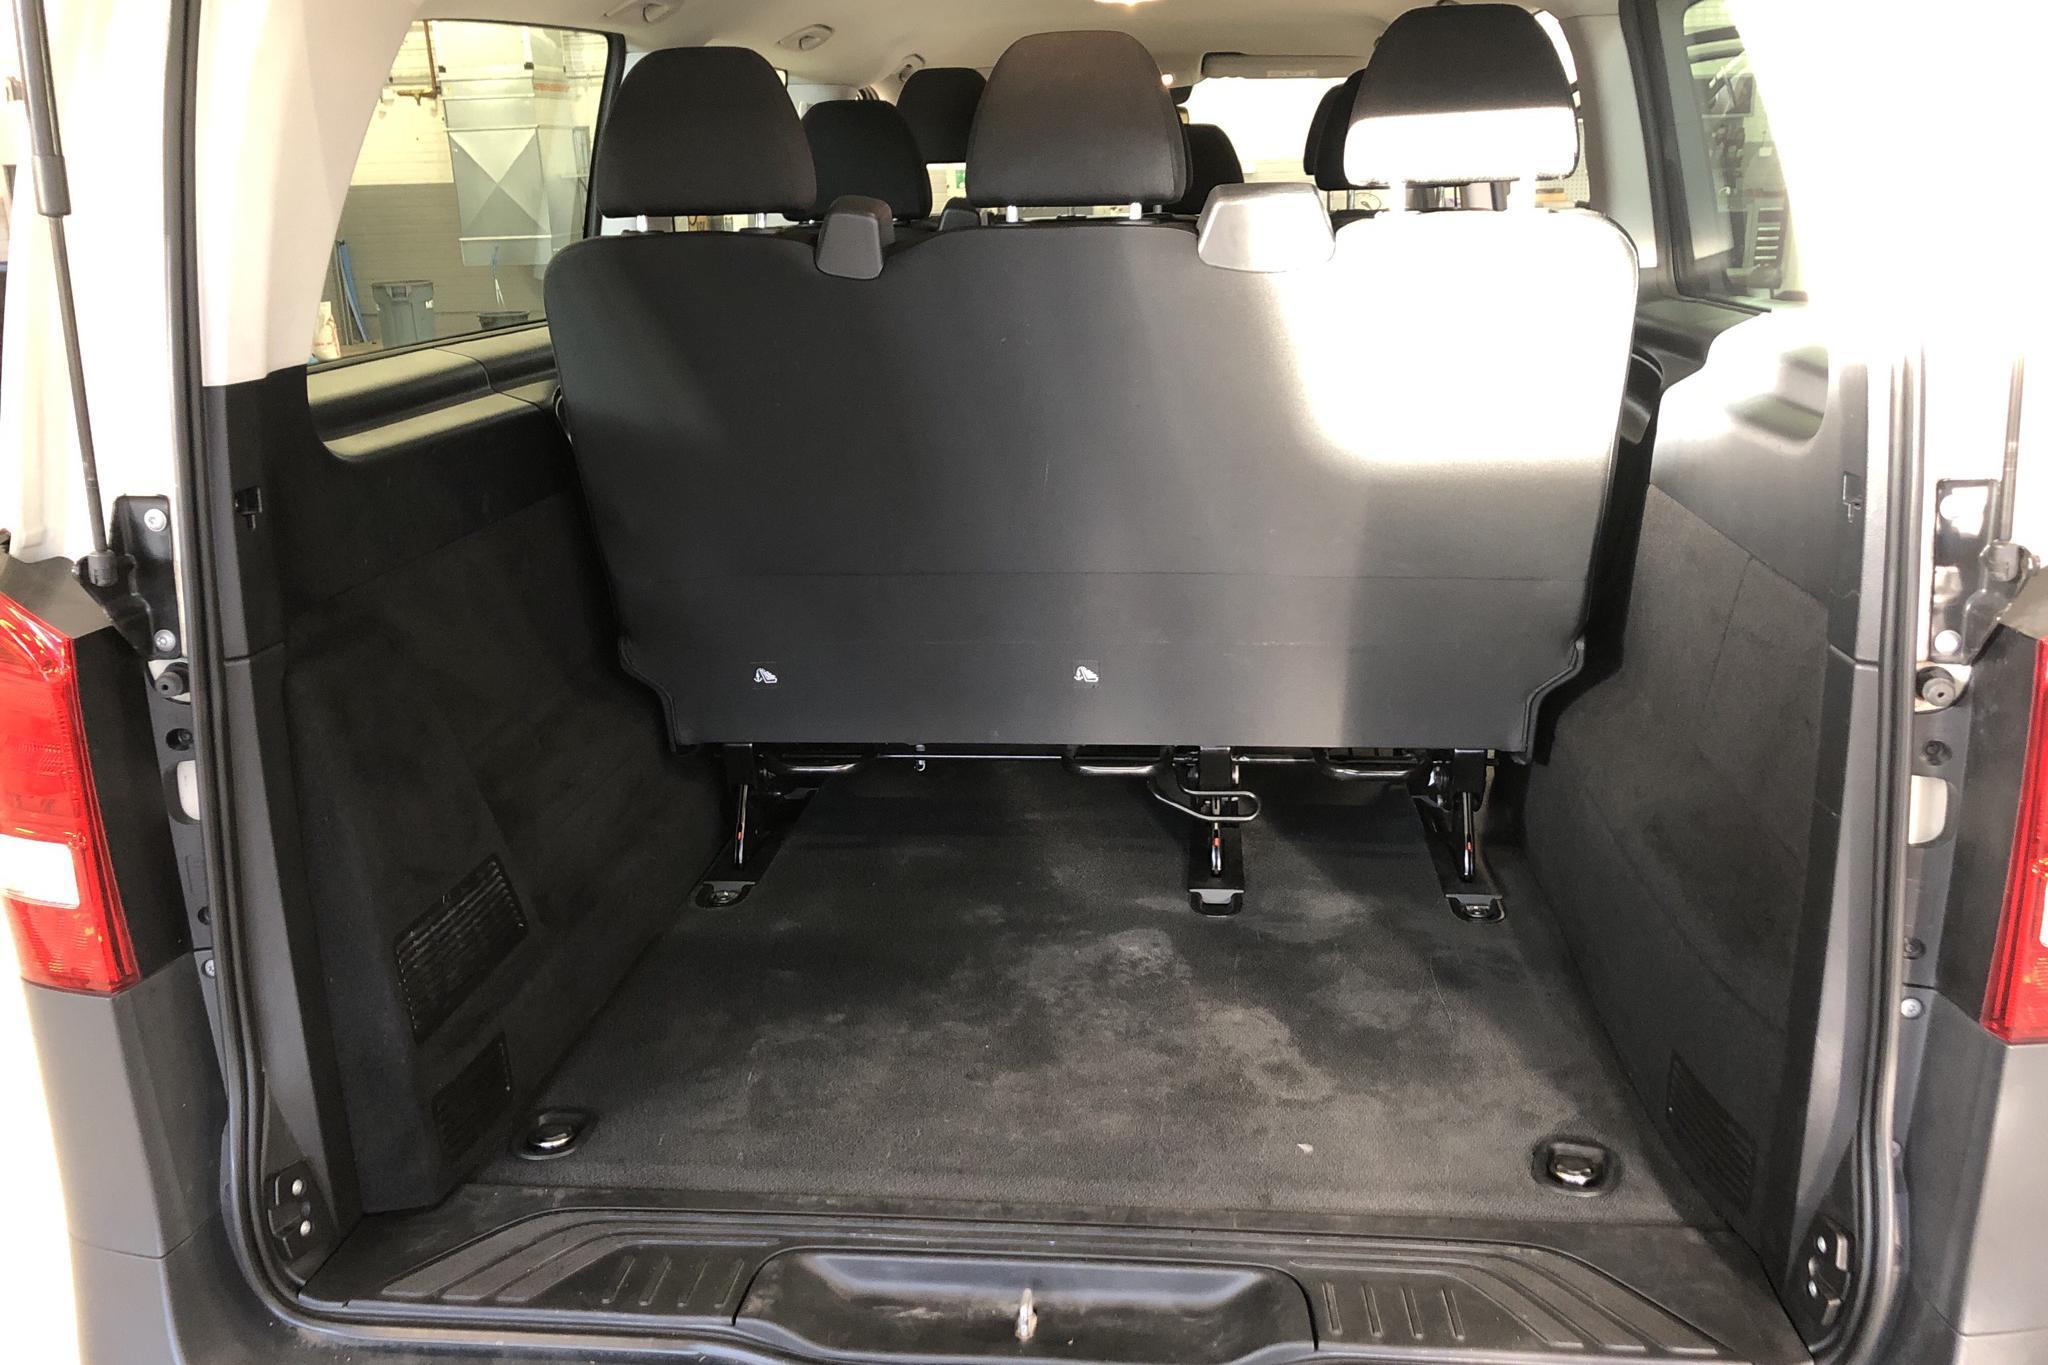 Mercedes Vito 114 CDI W640 (136hk) - 105 500 km - Manual - gray - 2017